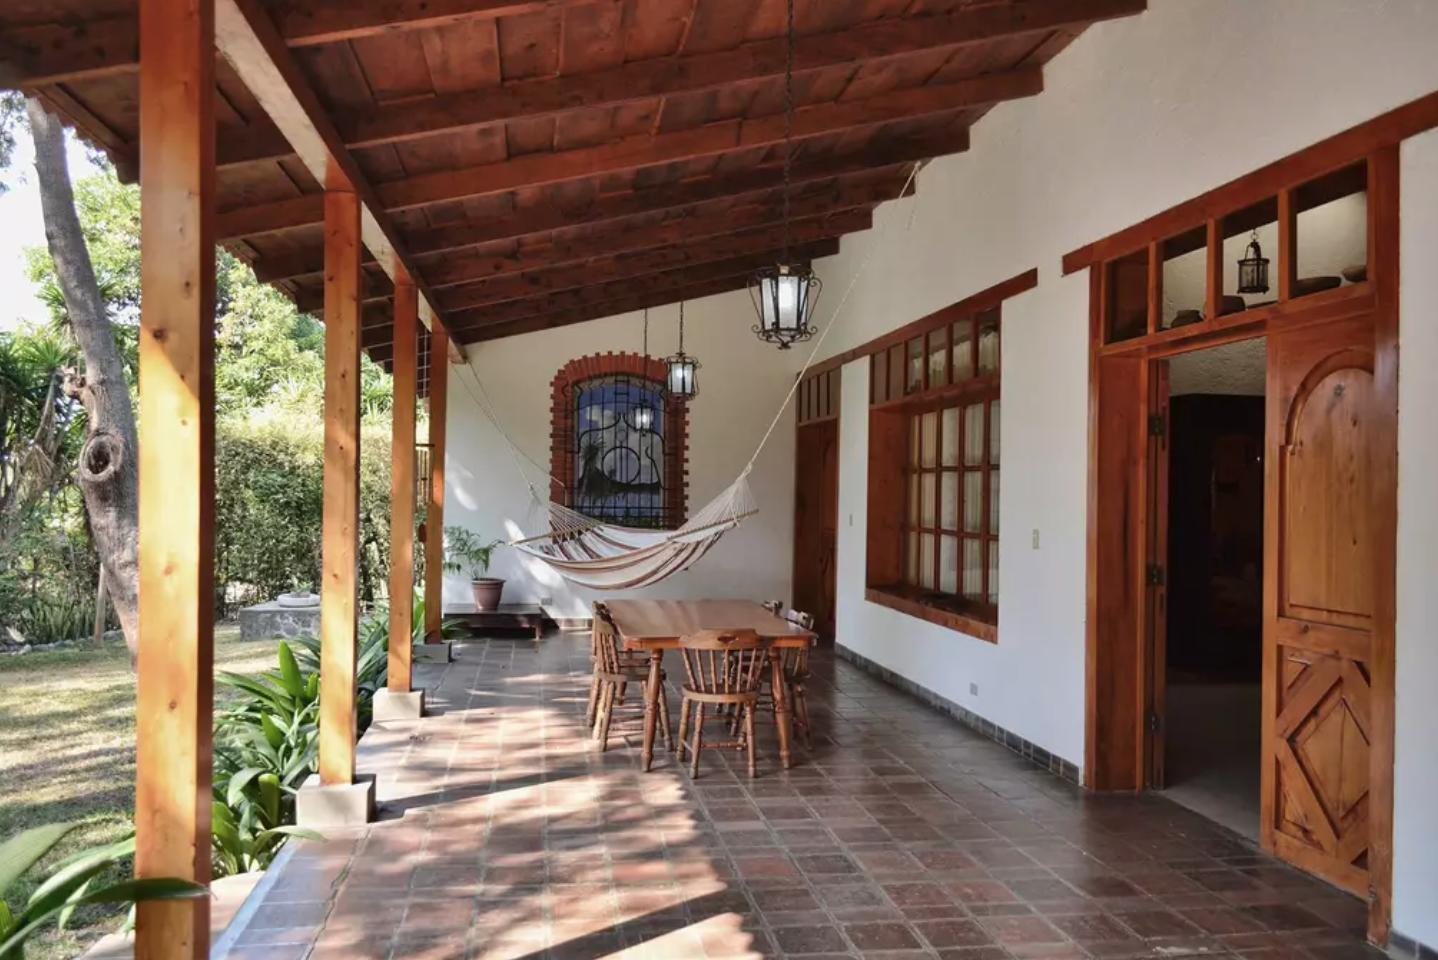 Corredor Casa De Campo Fachadas De Casas Modernas Casas Casas Modernas